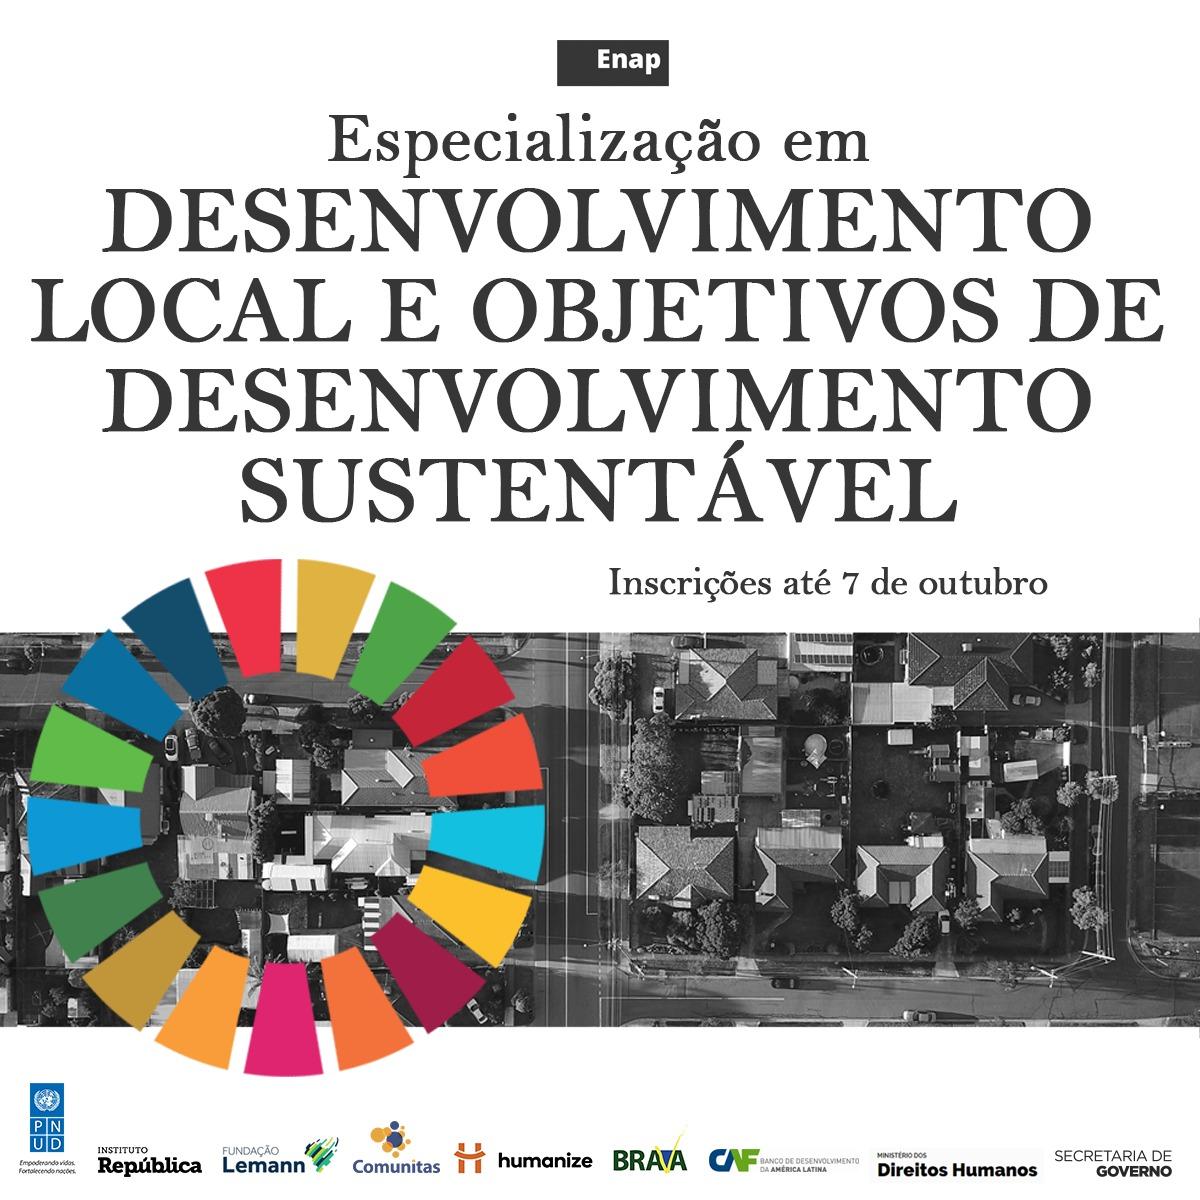 Especialização em Desenvolvimento Local e Objetivos de Desenvolvimento Sustentável recebe inscrições até 7 de outubro